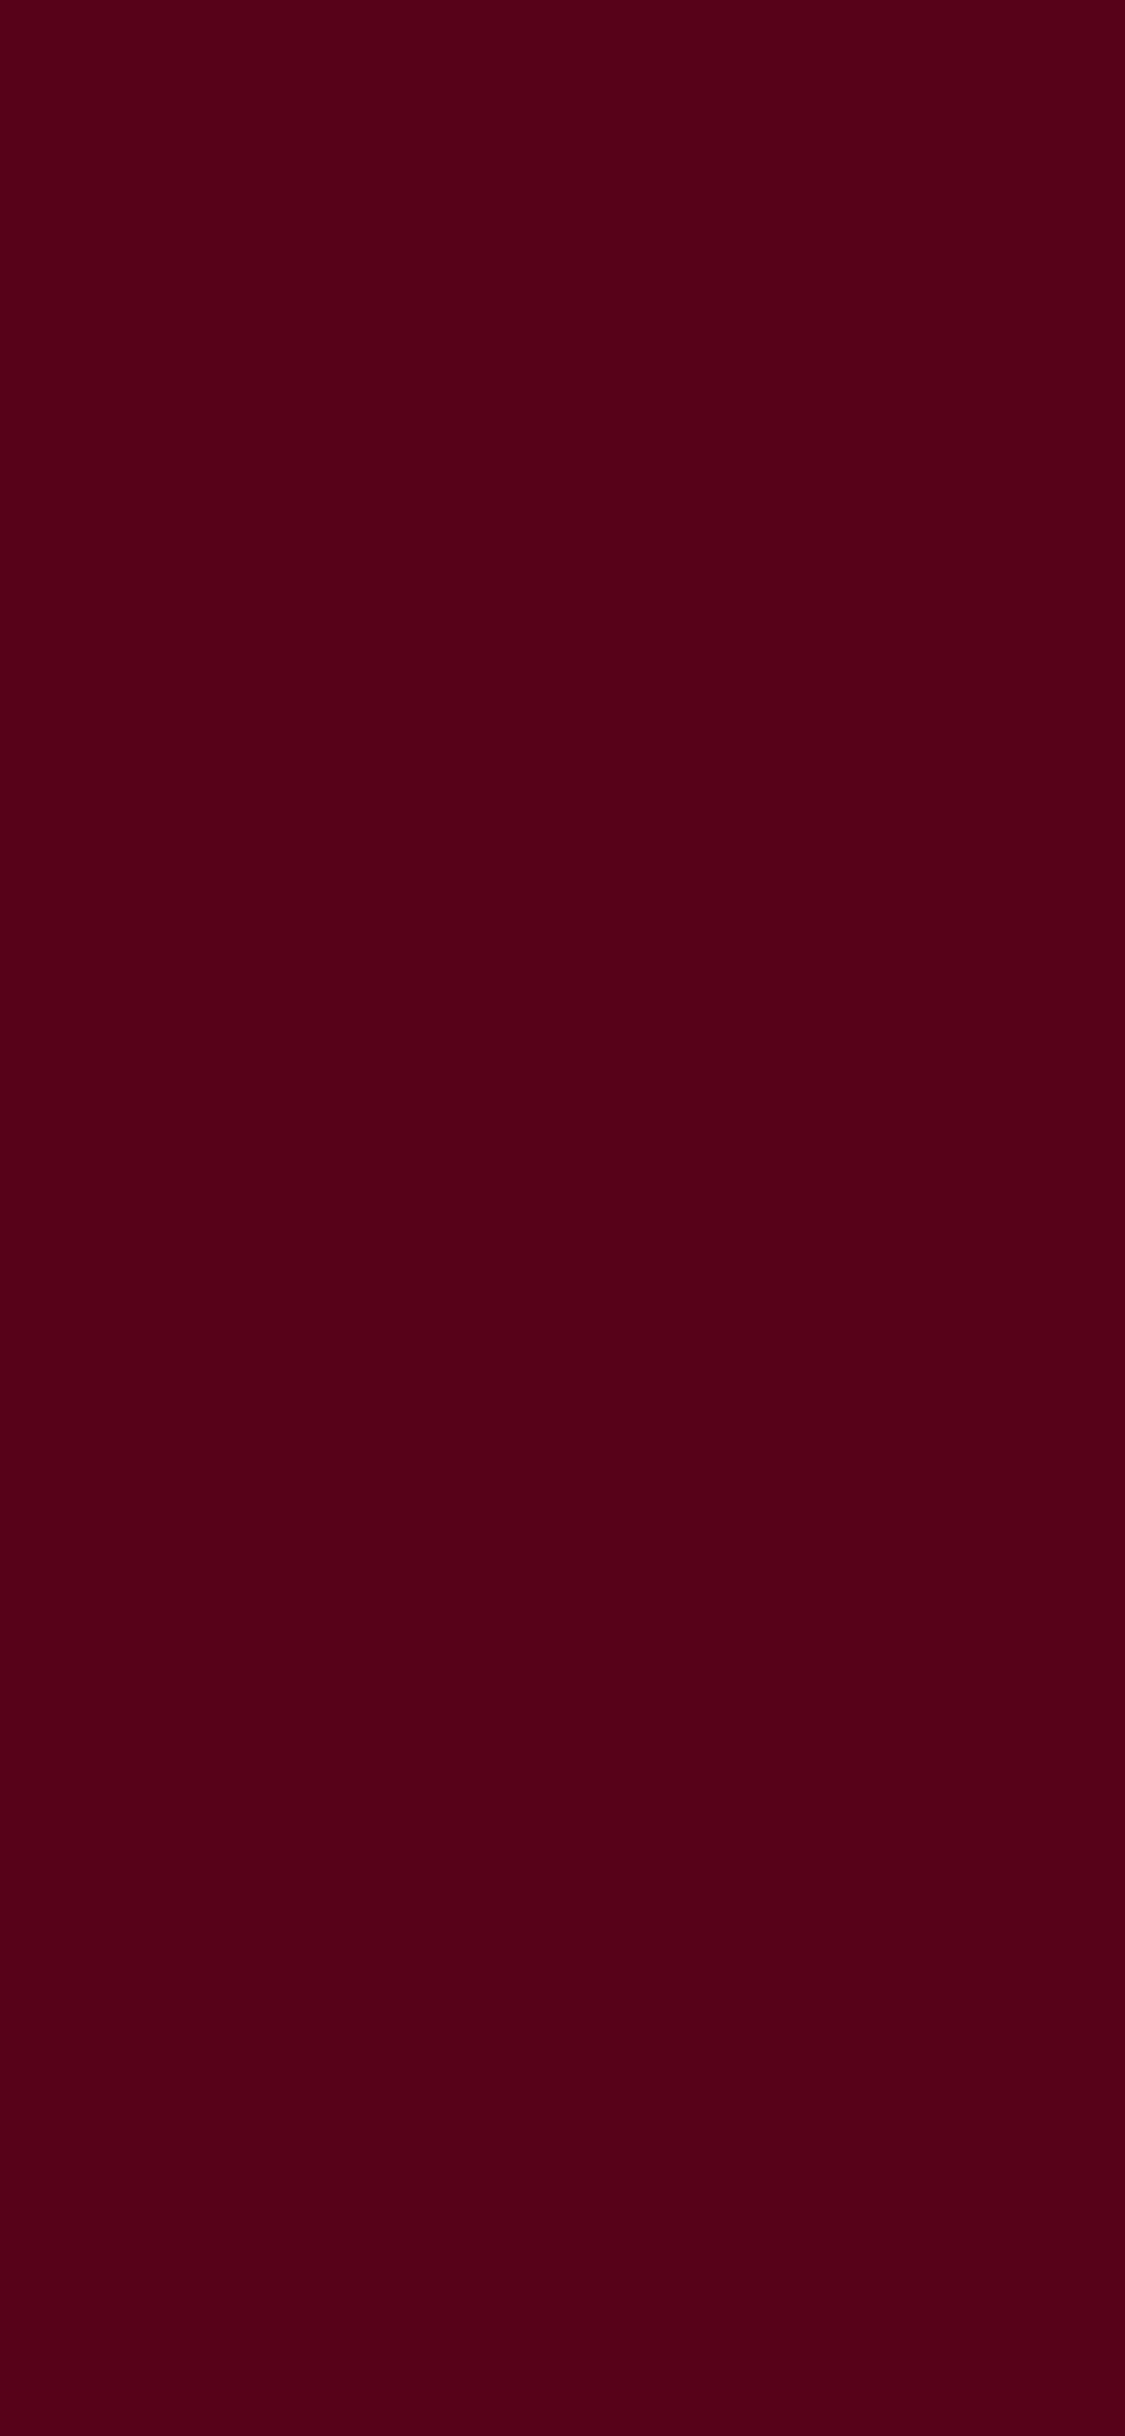 1125x2436 Dark Scarlet Solid Color Background